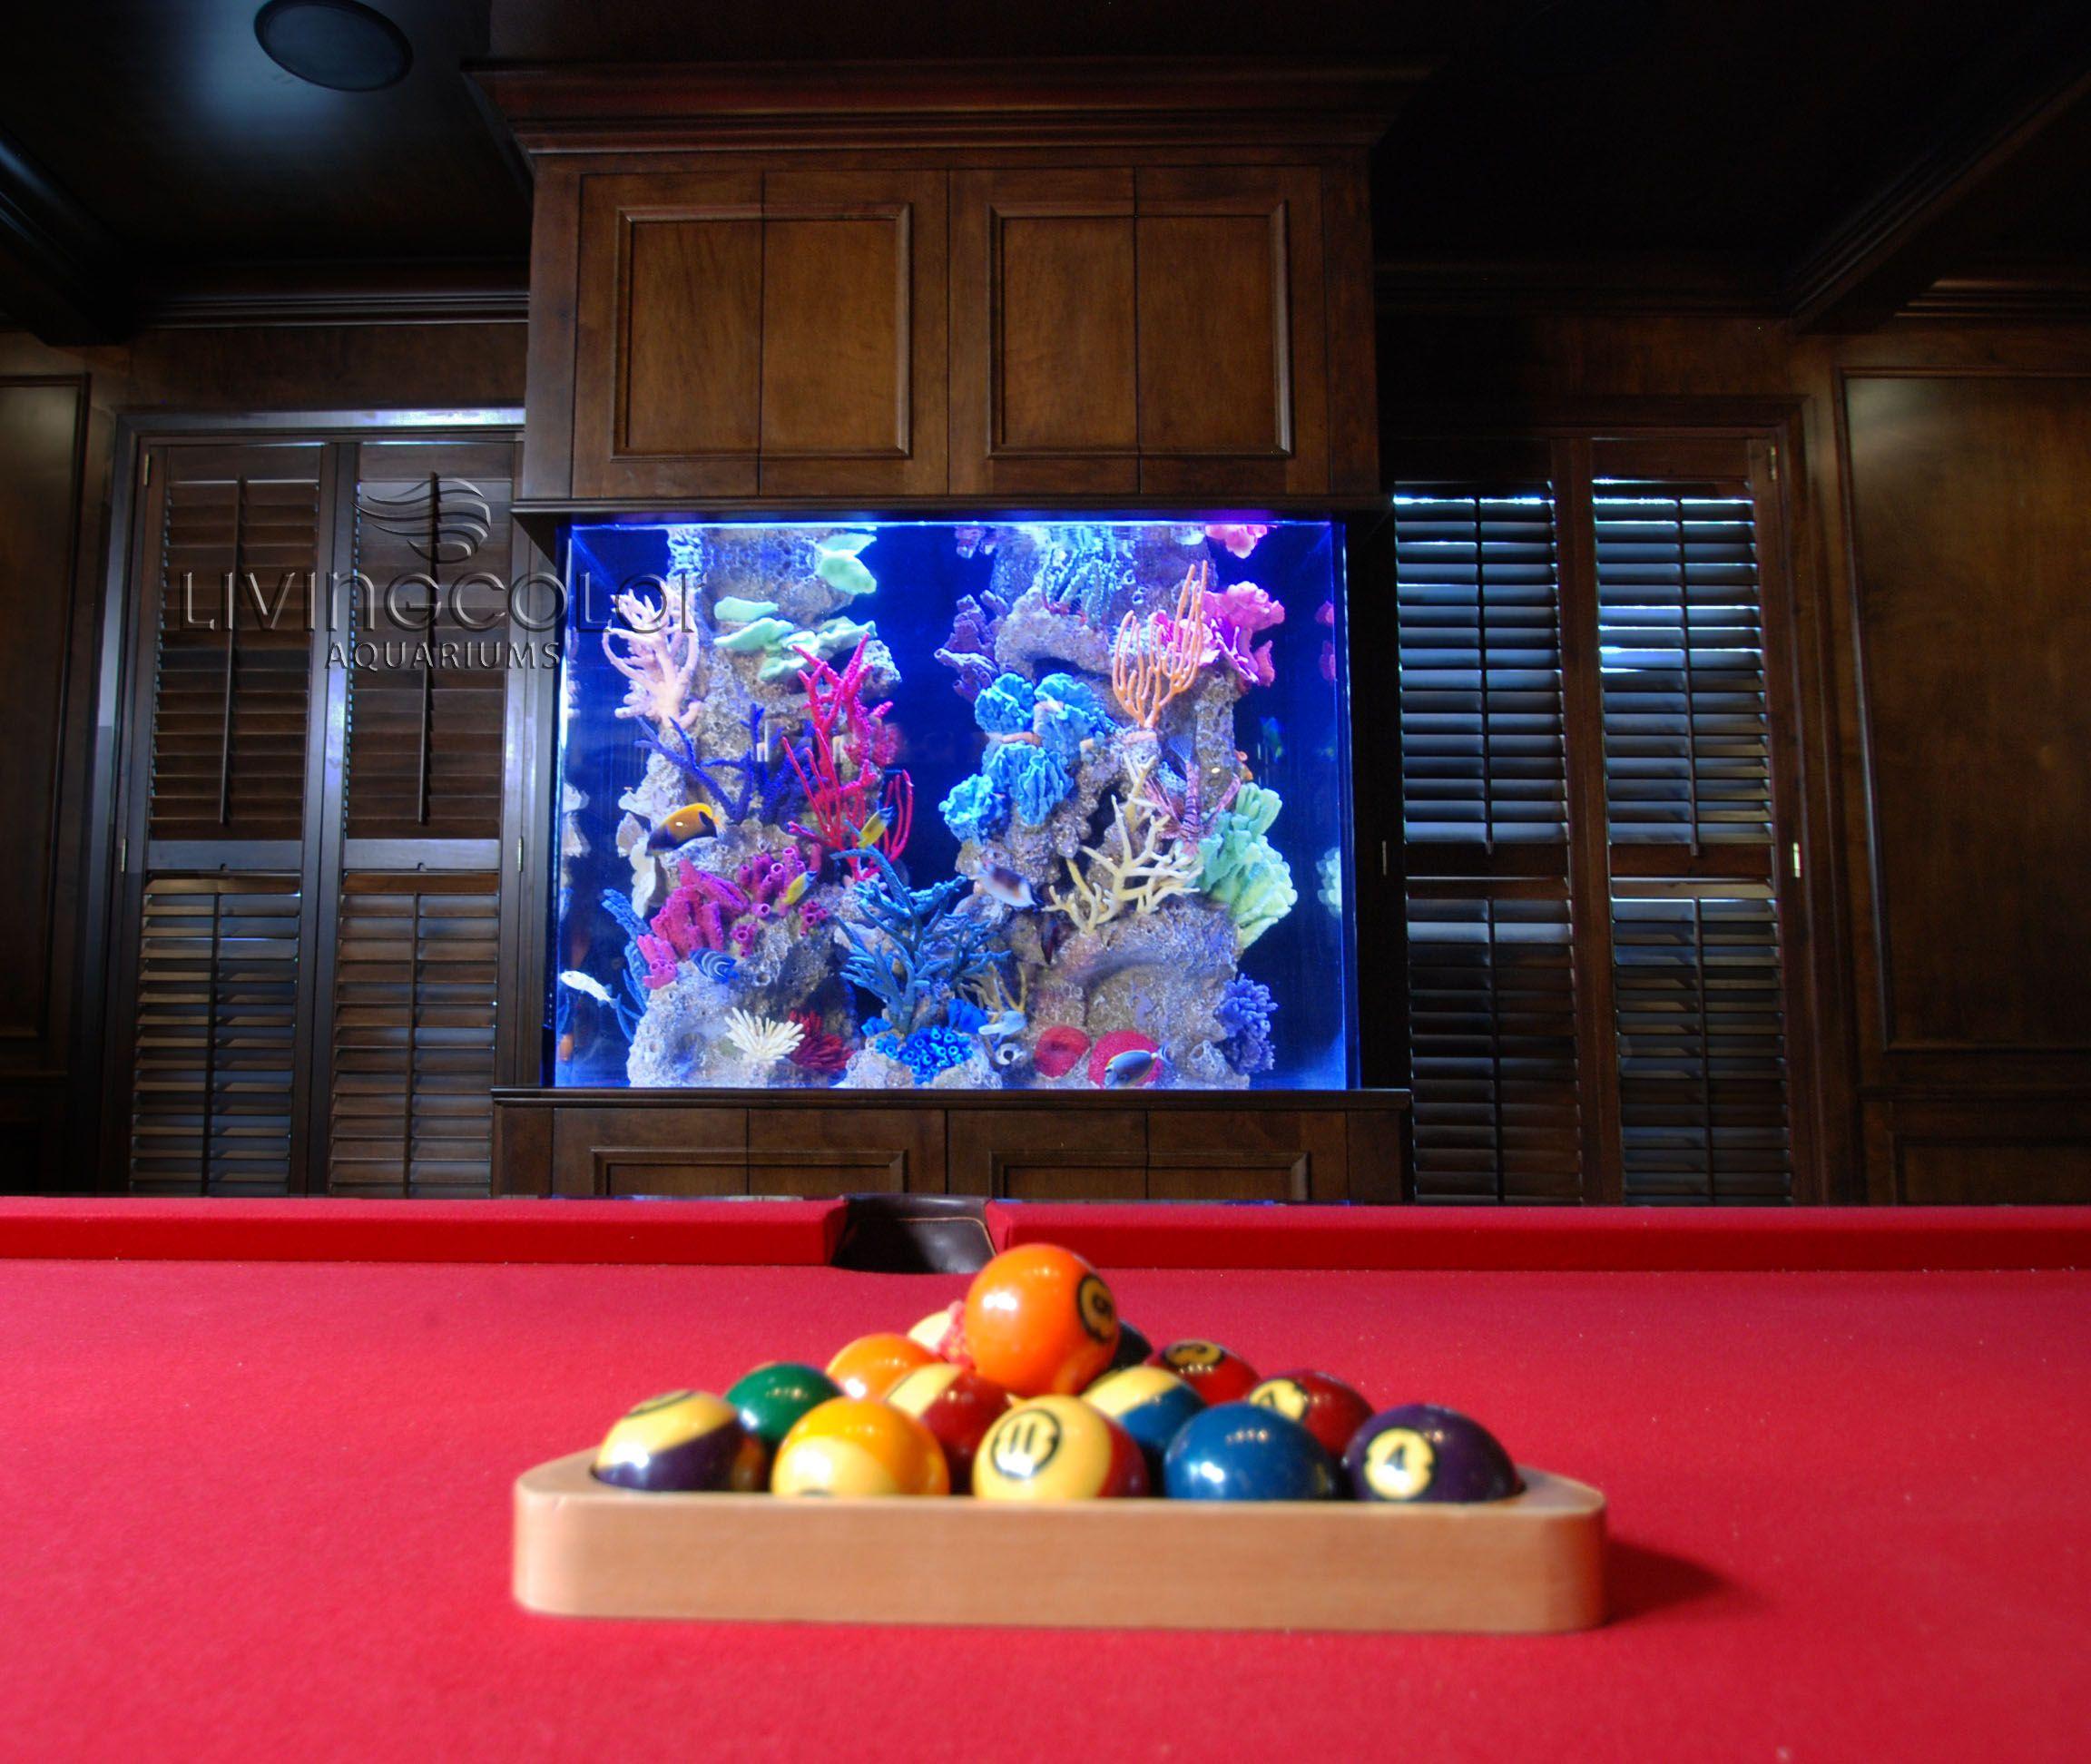 Fish tank pool table - Pool Table Custom Aquarium Dimensions 60 X 24 X 48 H 350